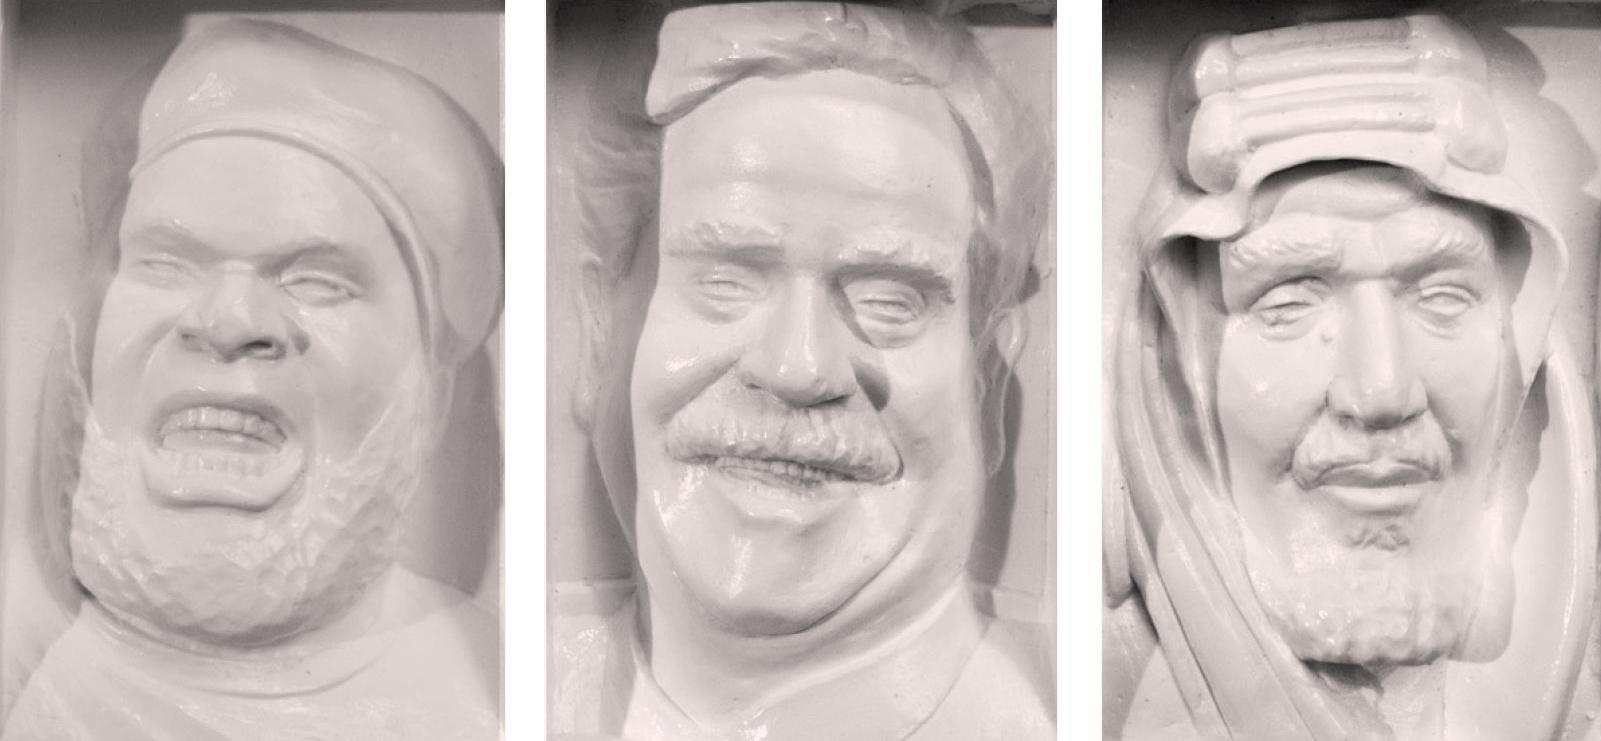 Valvoline Portraits – 2009